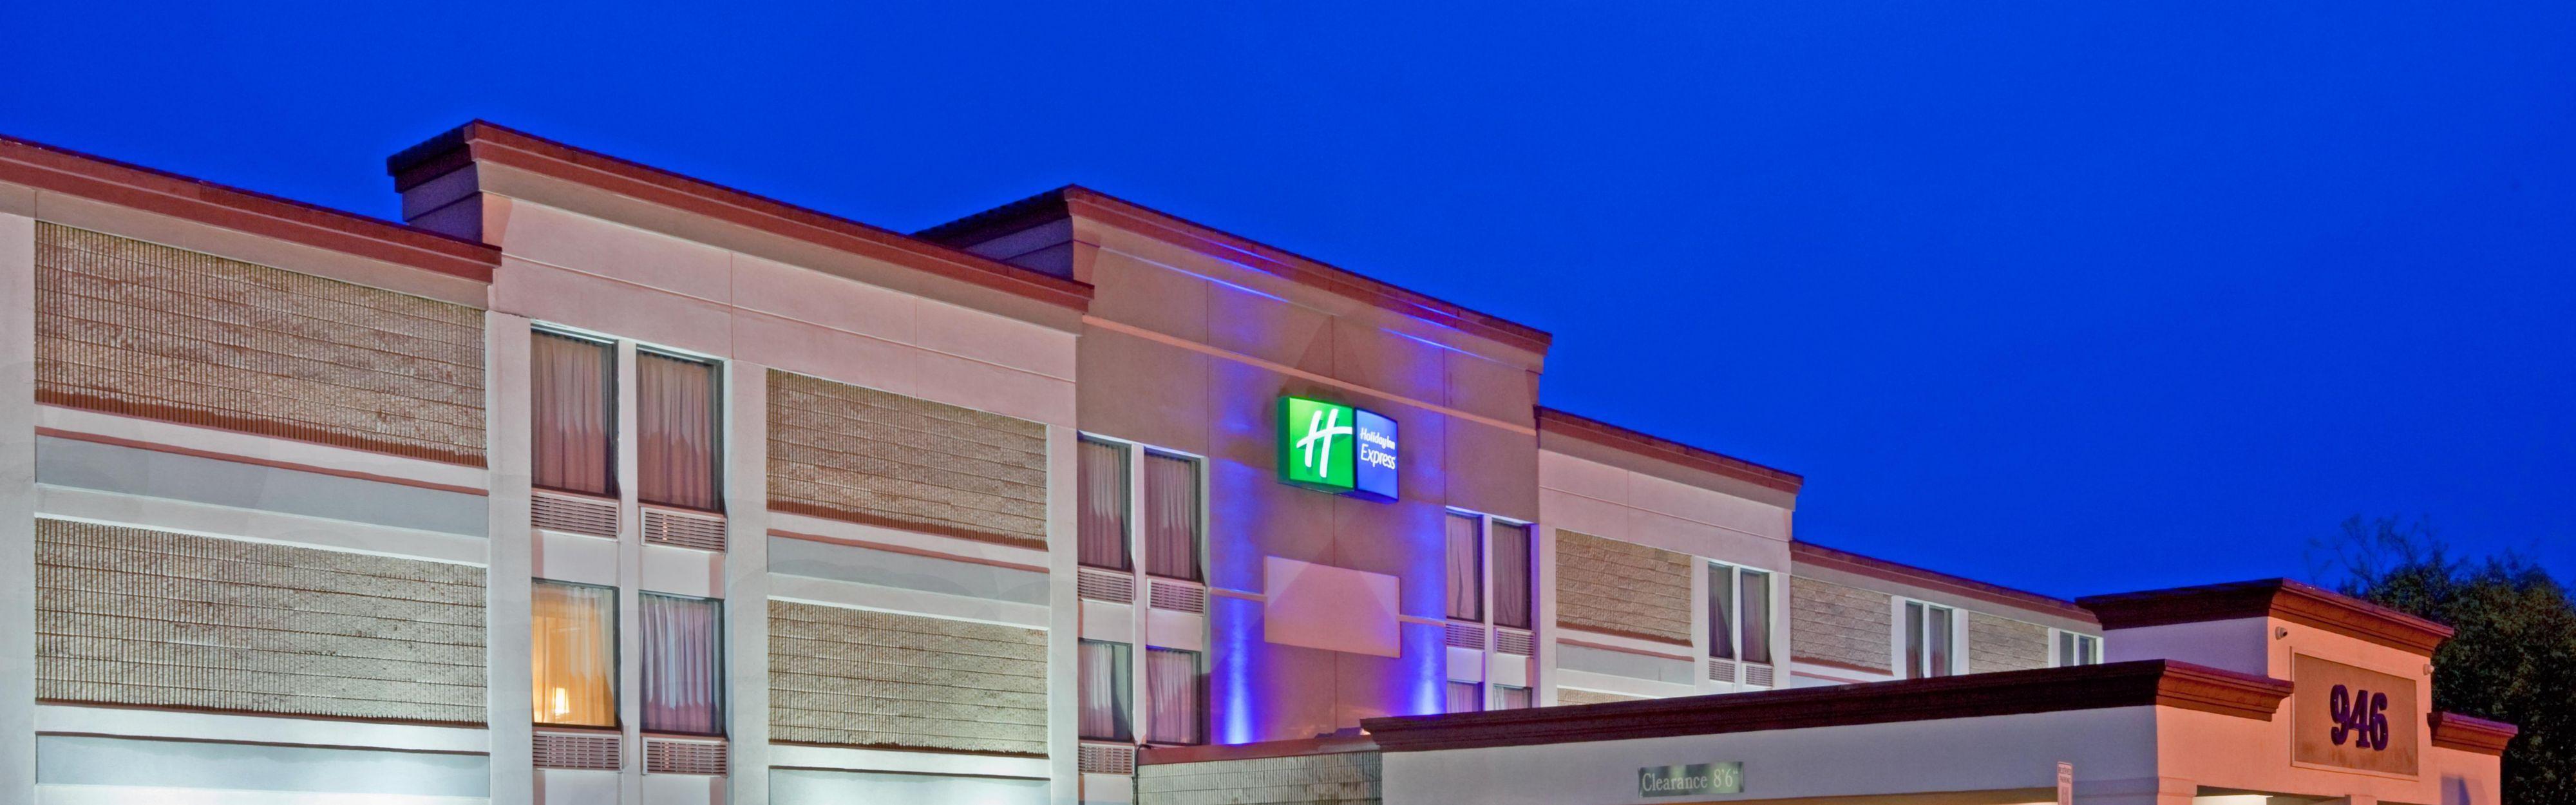 Holiday Inn Express Ramsey-Mahwah image 0